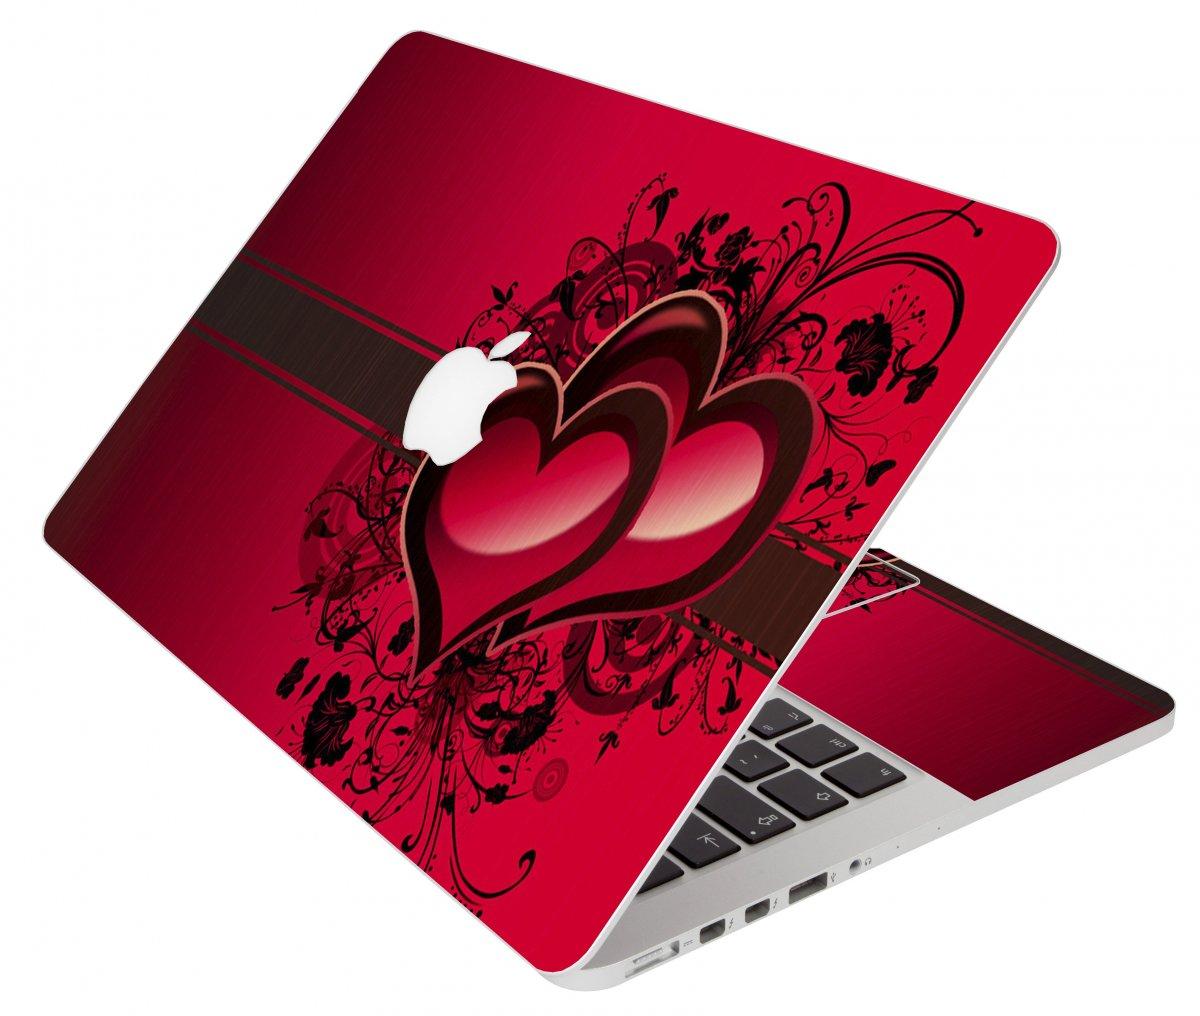 Love Heart Apple Macbook Pro 17 A1297 Laptop Skin